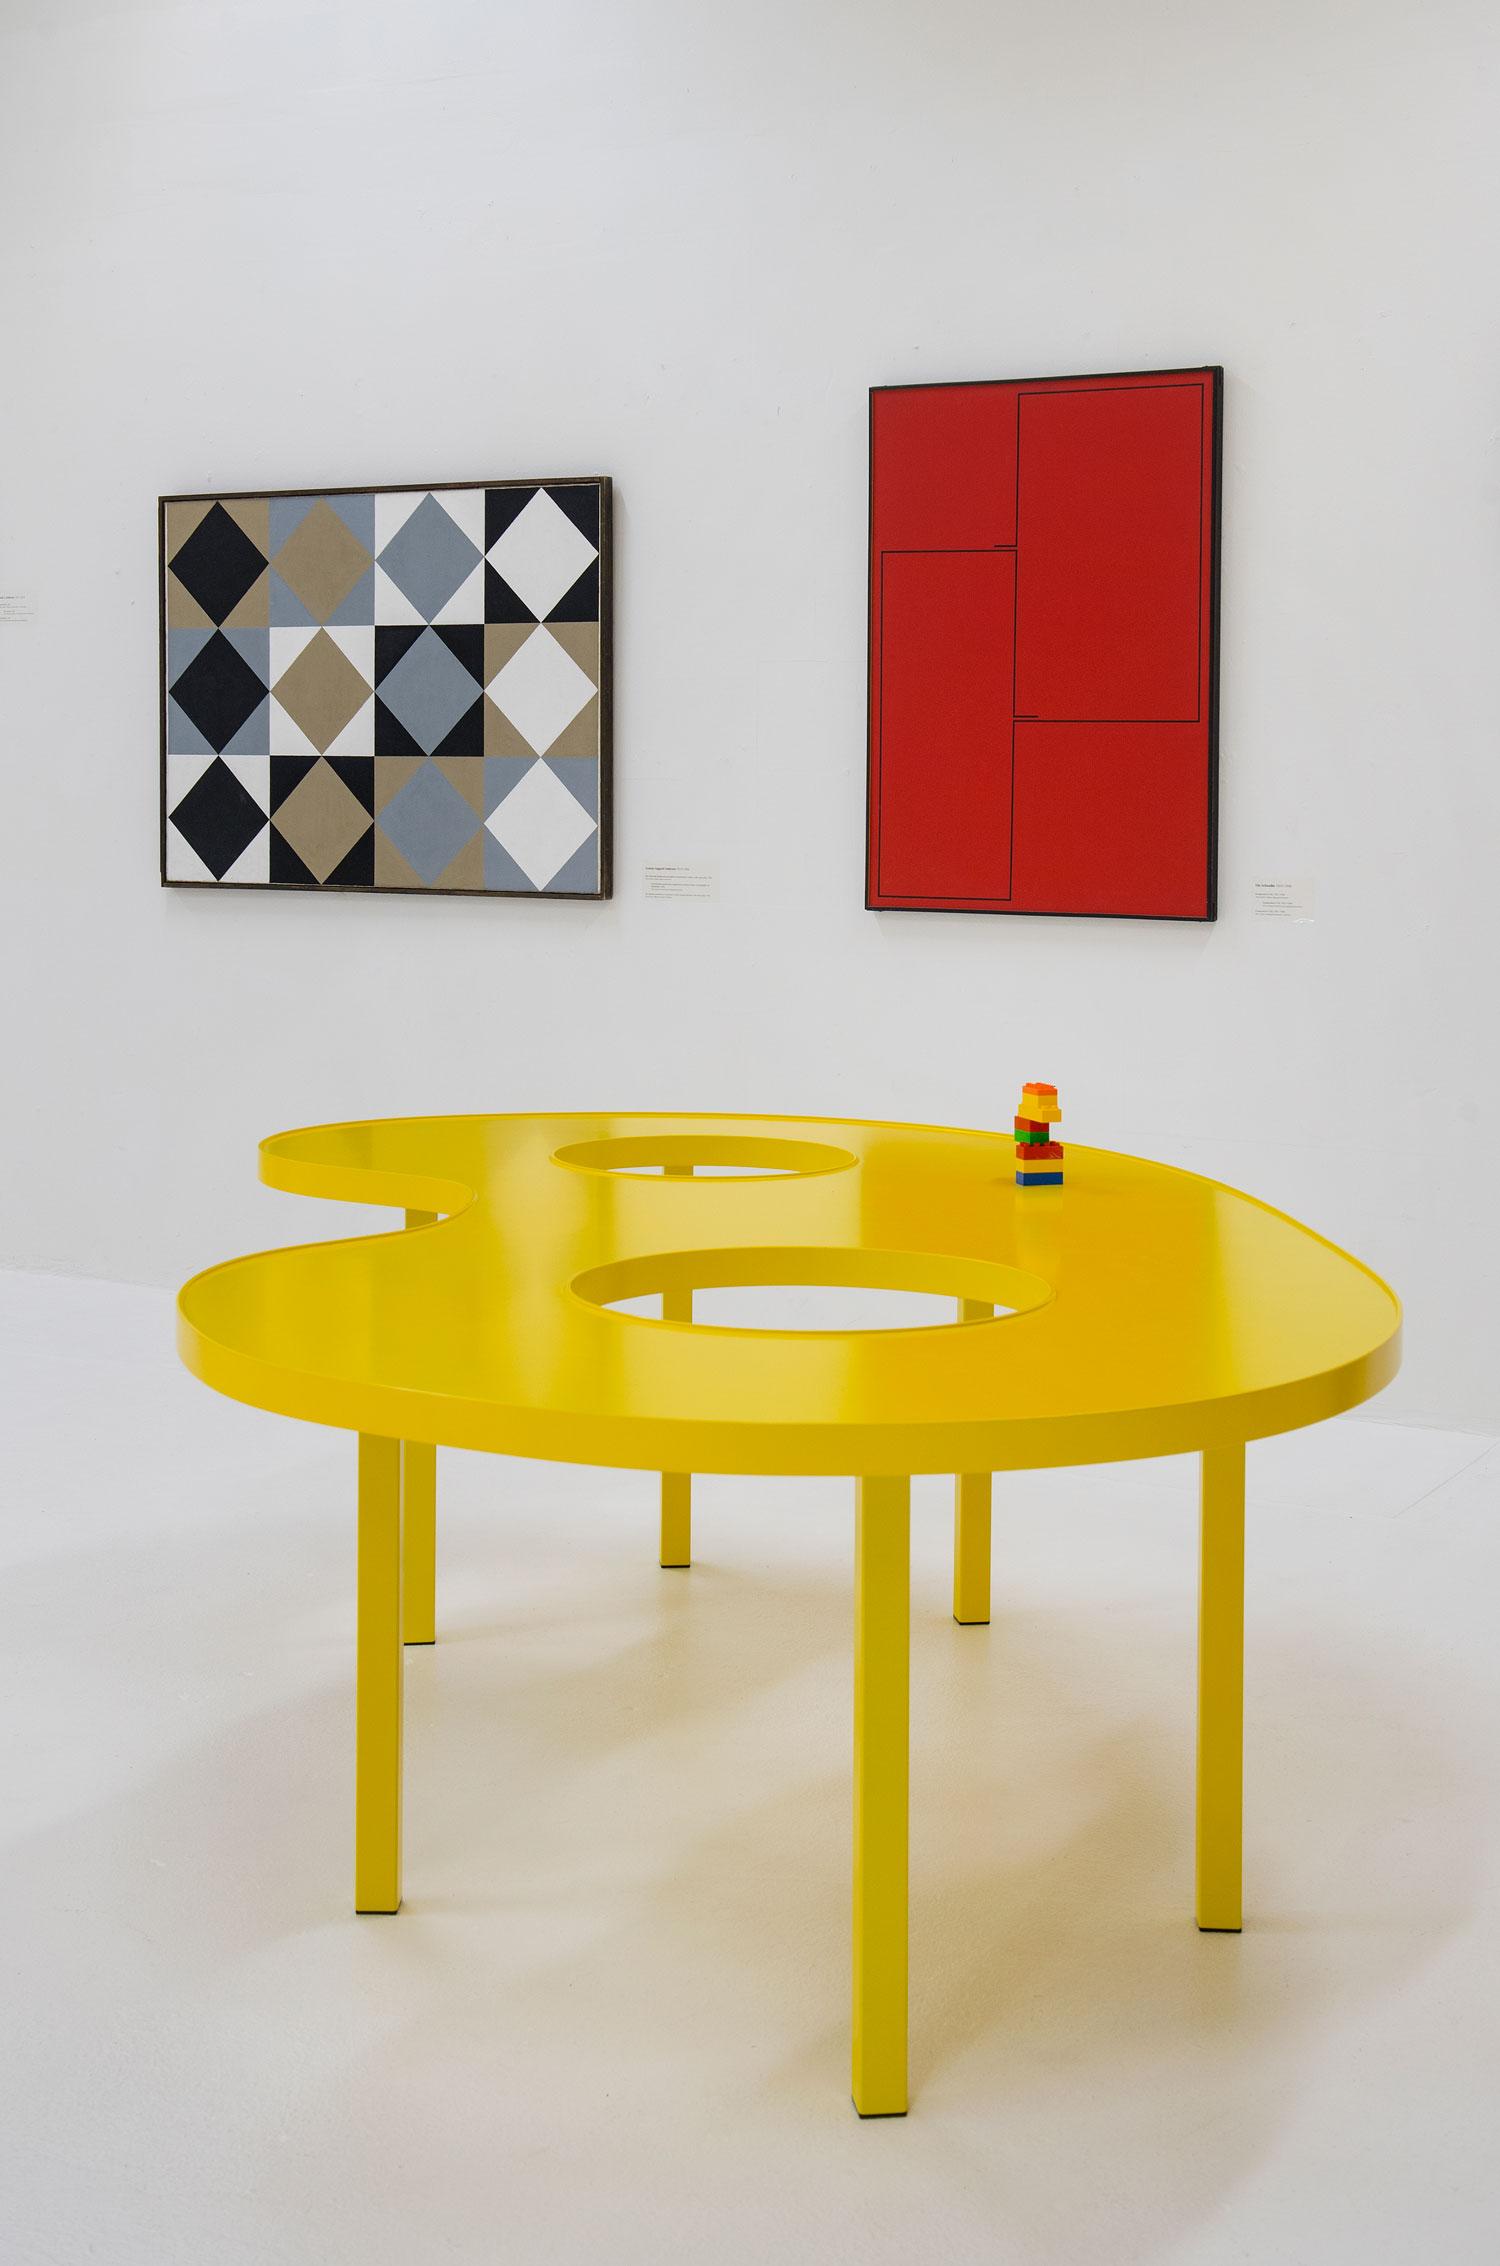 Idealer esbjerg kunstmuseum bord Rune Fjord Studio